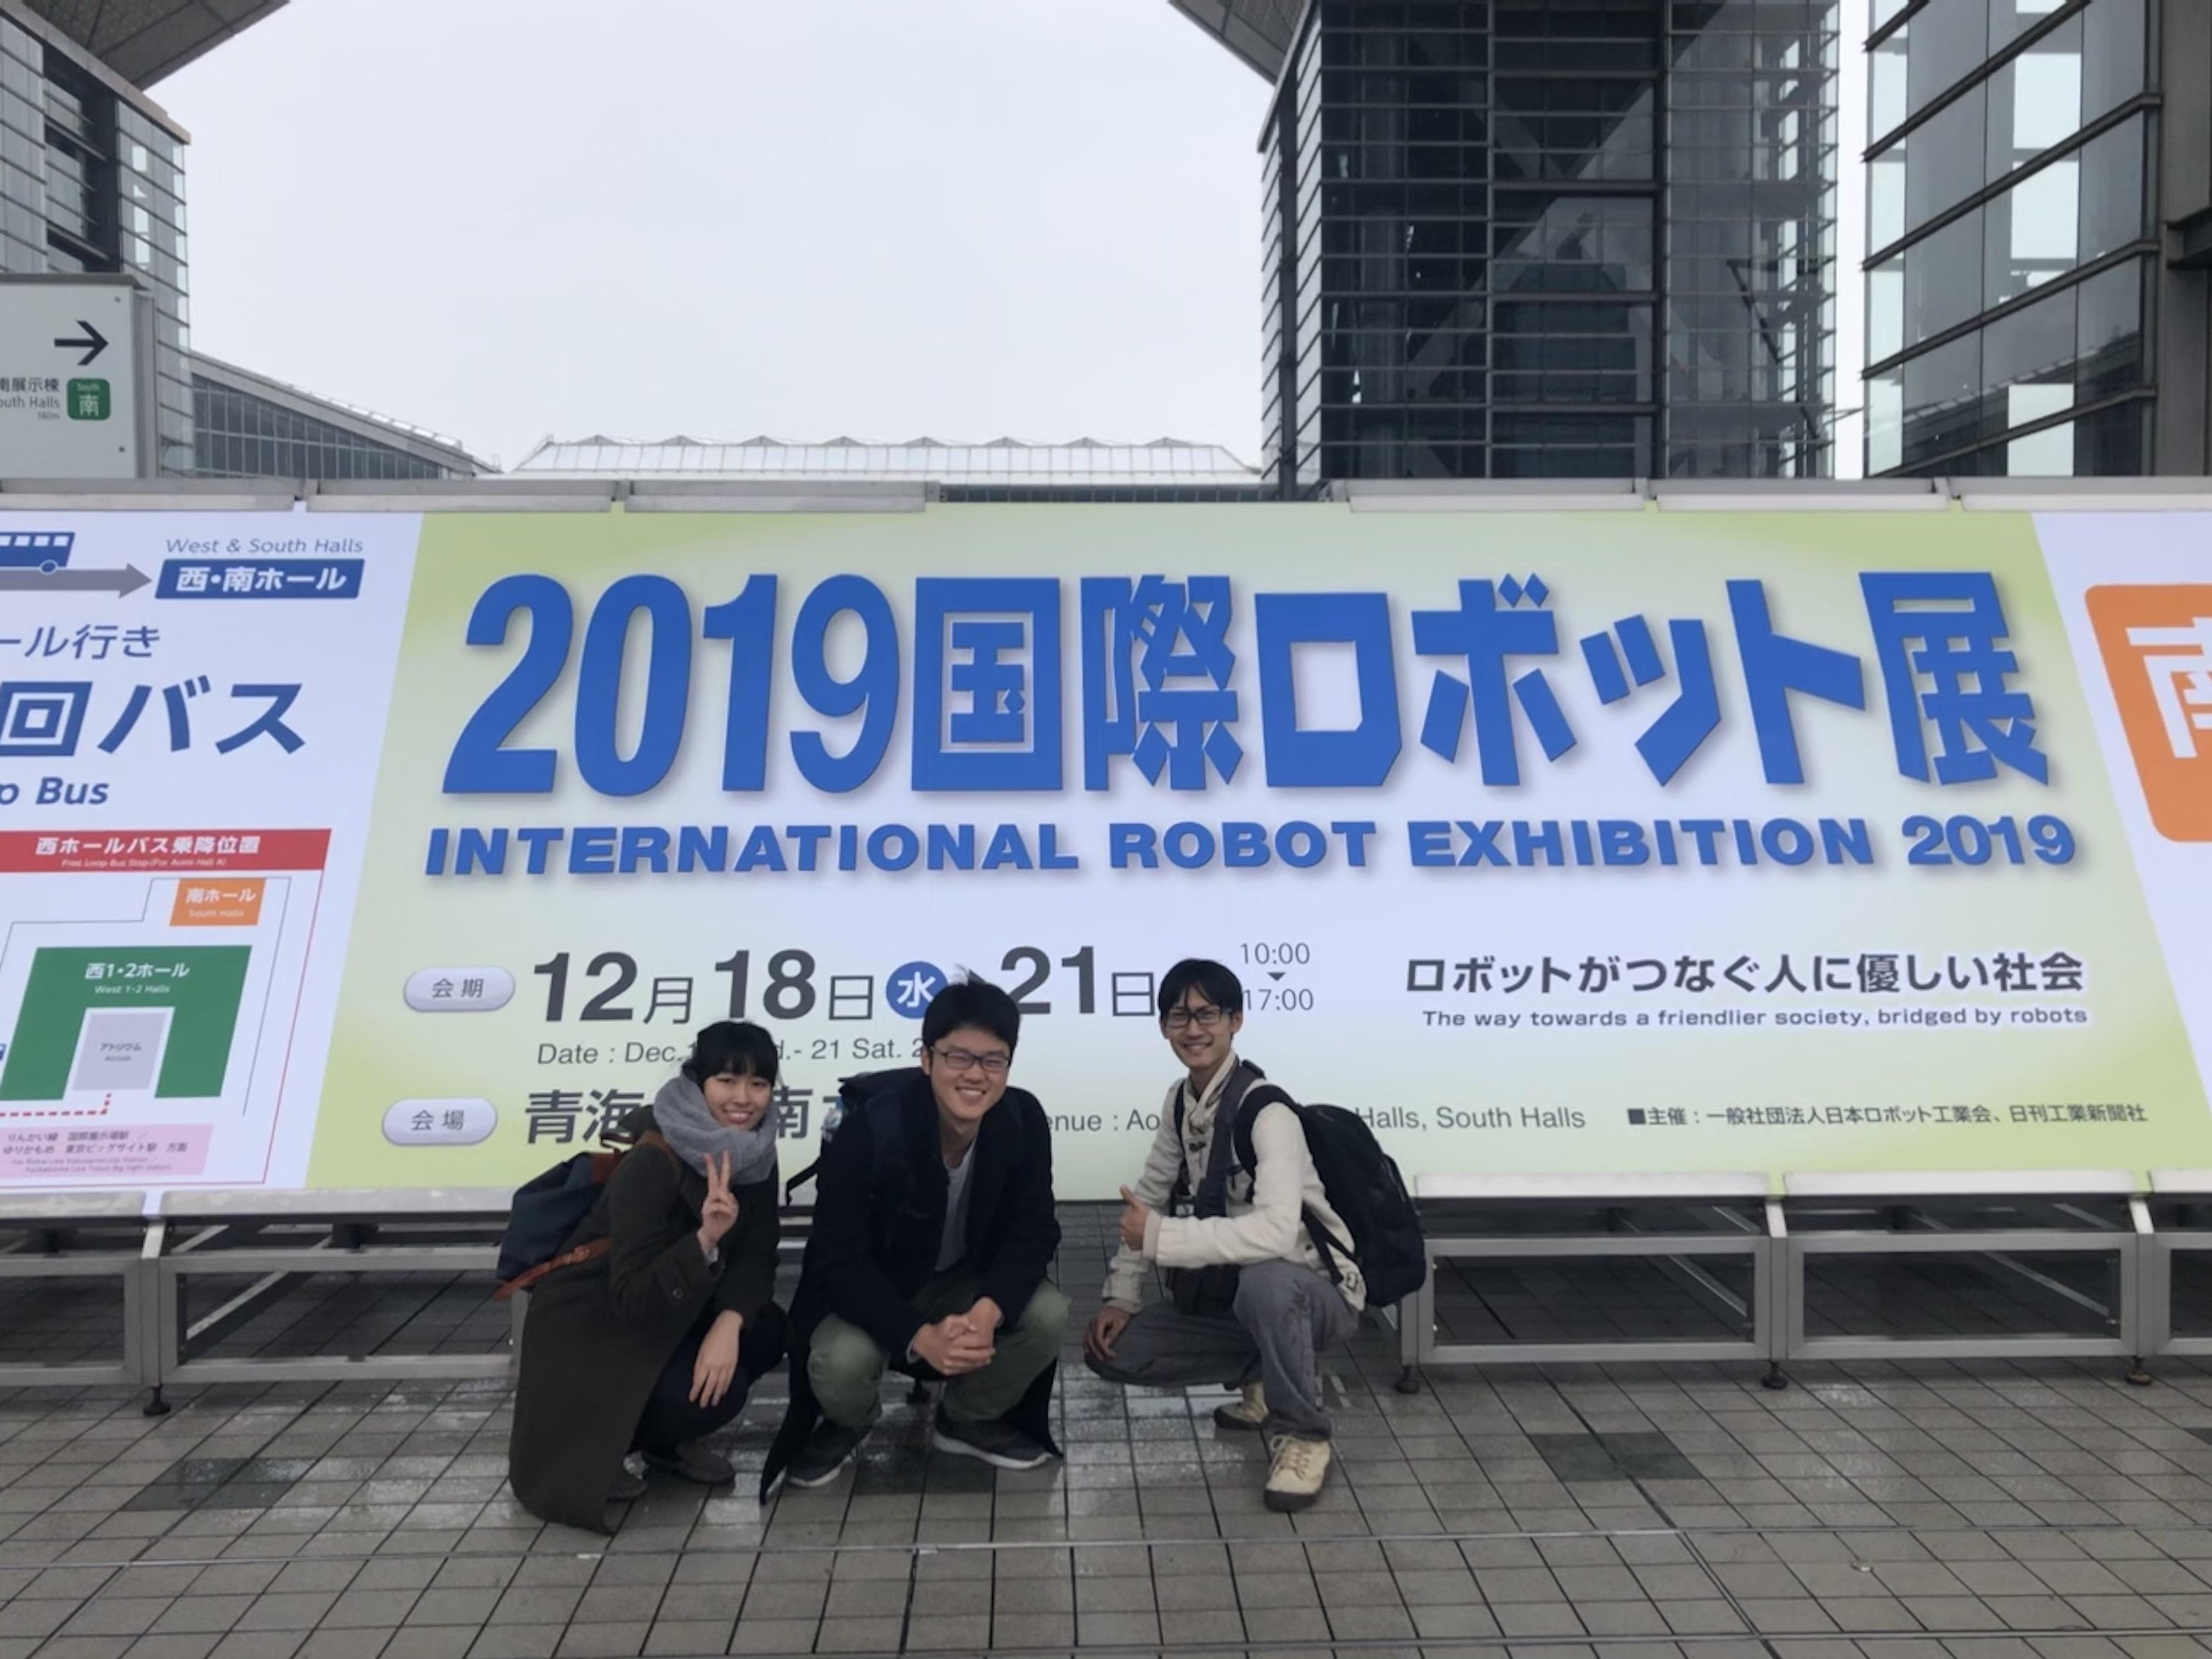 (日本語) 東京ビッグサイトで行われた、2019国際ロボット展に参加しました。